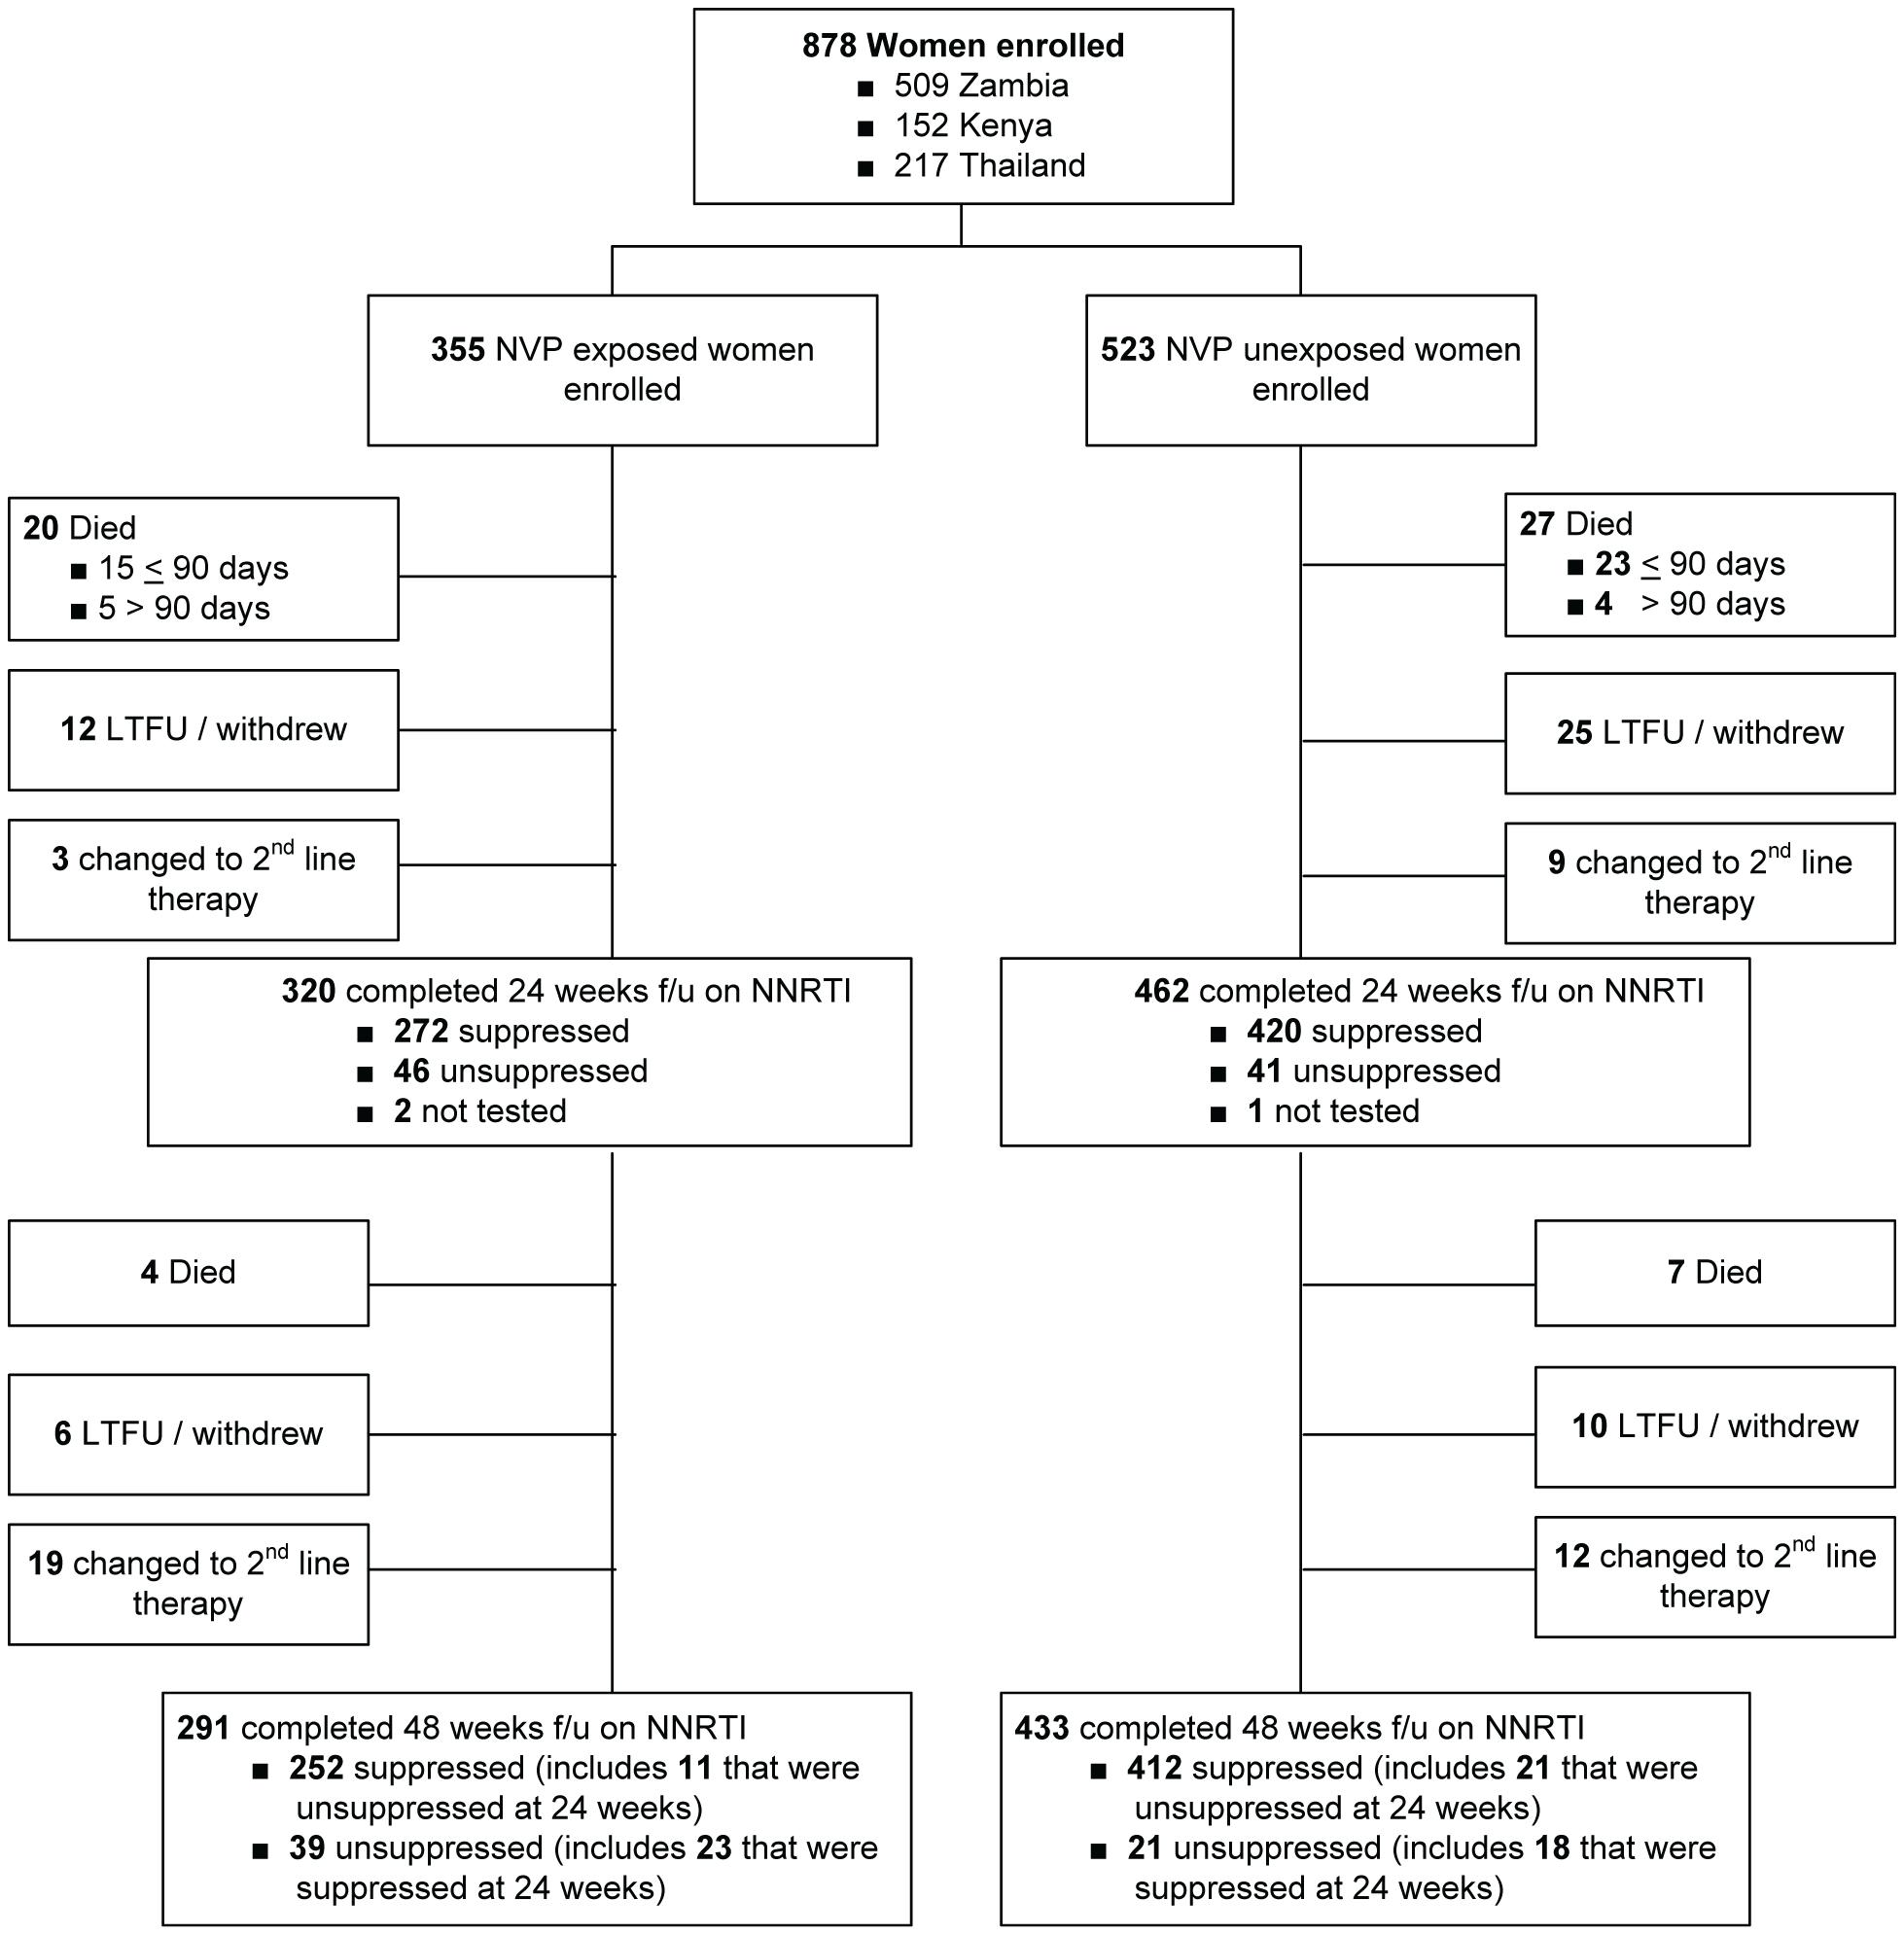 Study Schema for the NNRTI Response Study—Zambia, Kenya, Thailand (2005–2008).